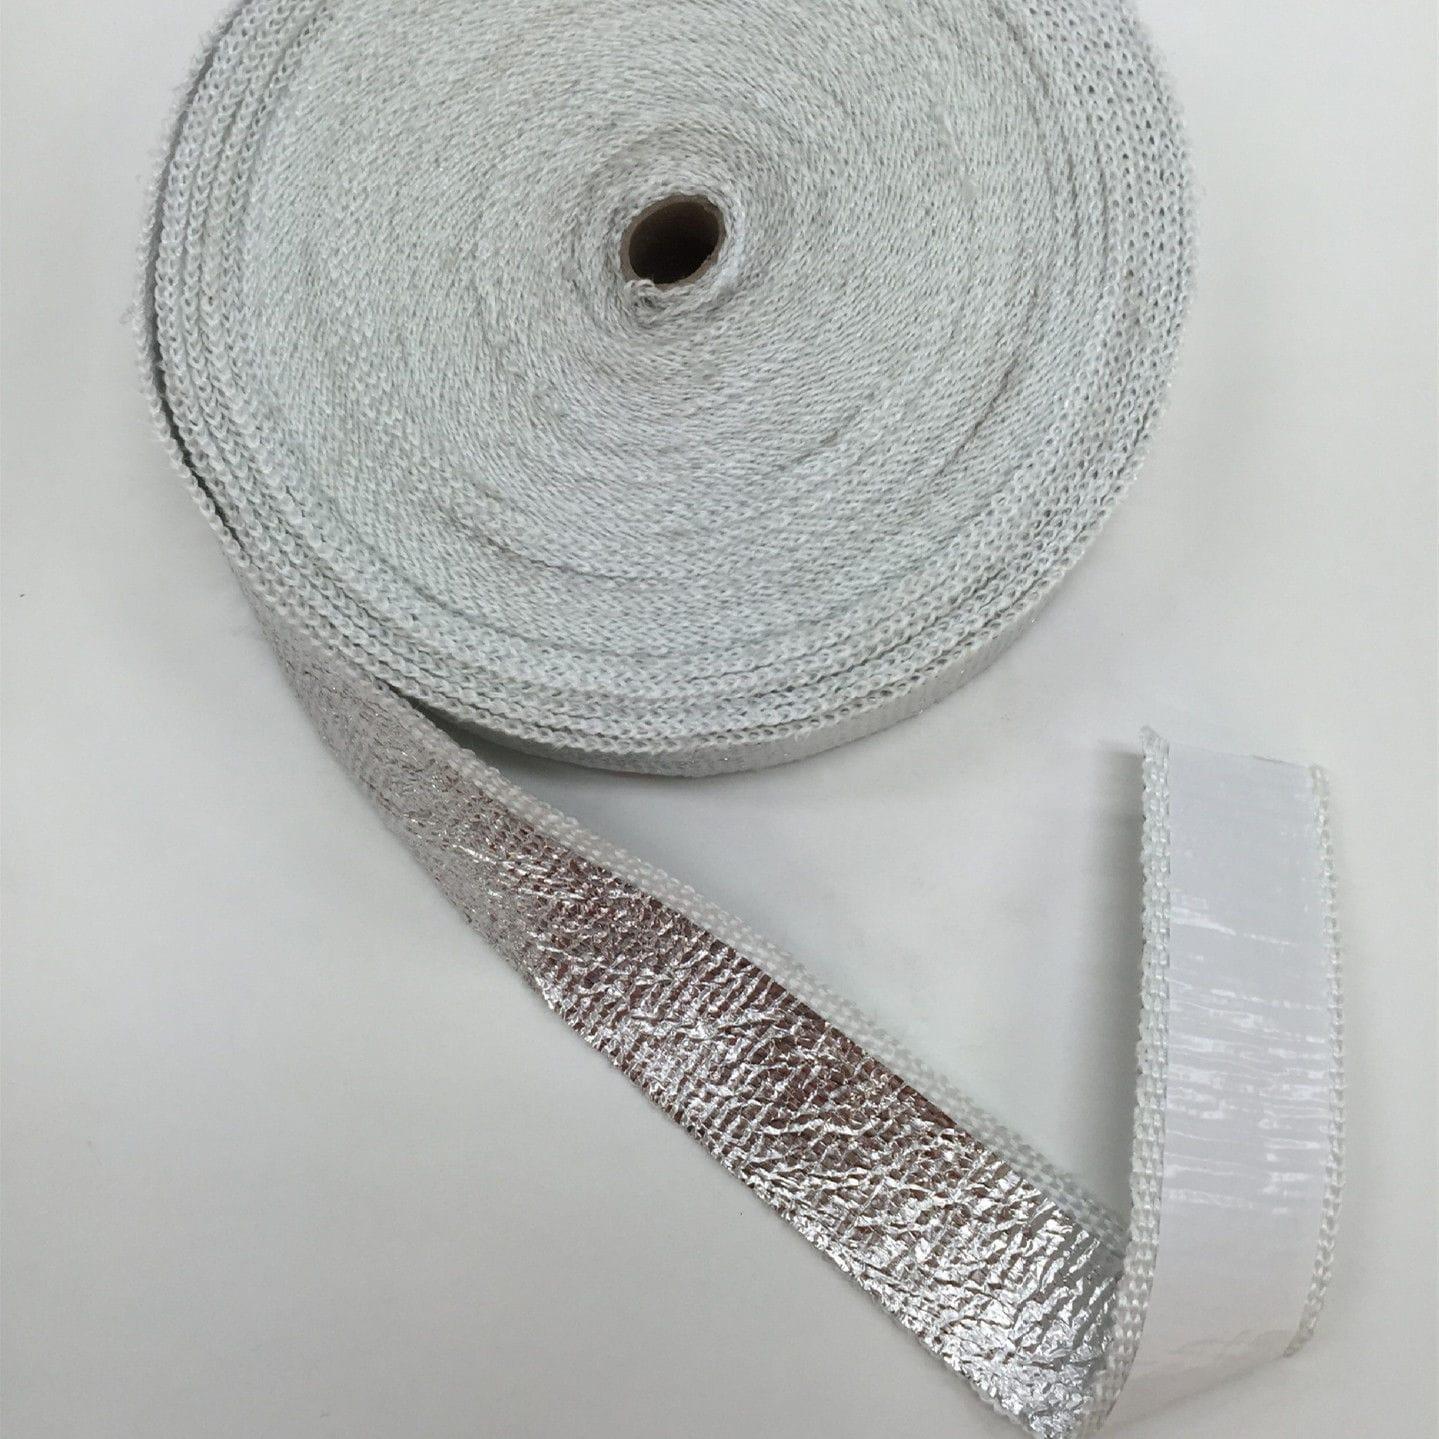 Remarquable Ruban adhésif en aluminium / isolant thermique / renforcé de QH-48